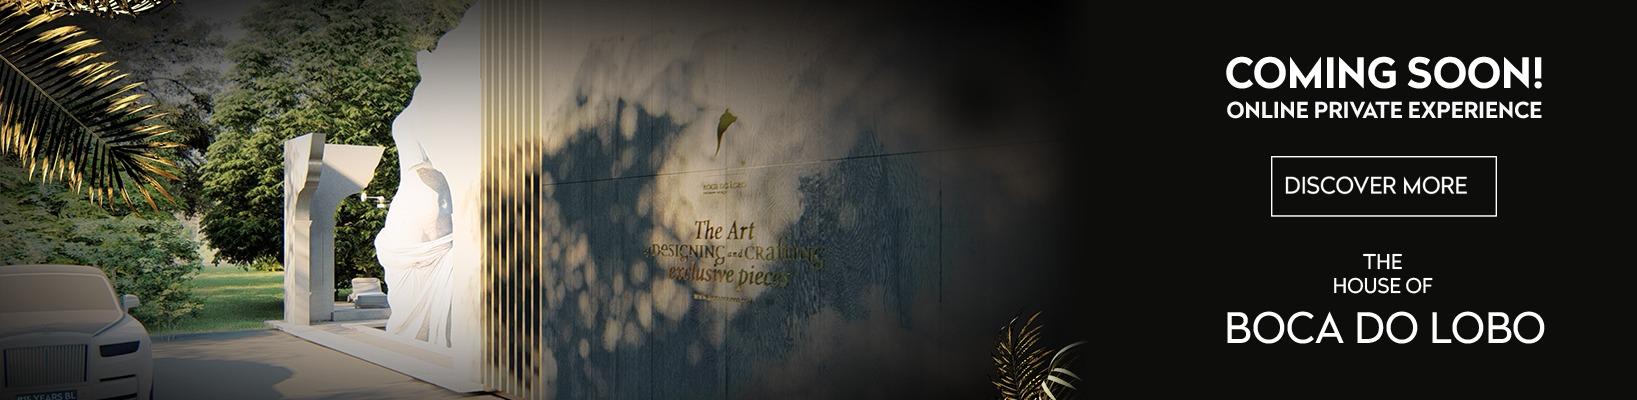 boca do lobo Celebrating 15 Years Of Boca do Lobo Through 15 Iconic Pieces BANNER ARTIGO